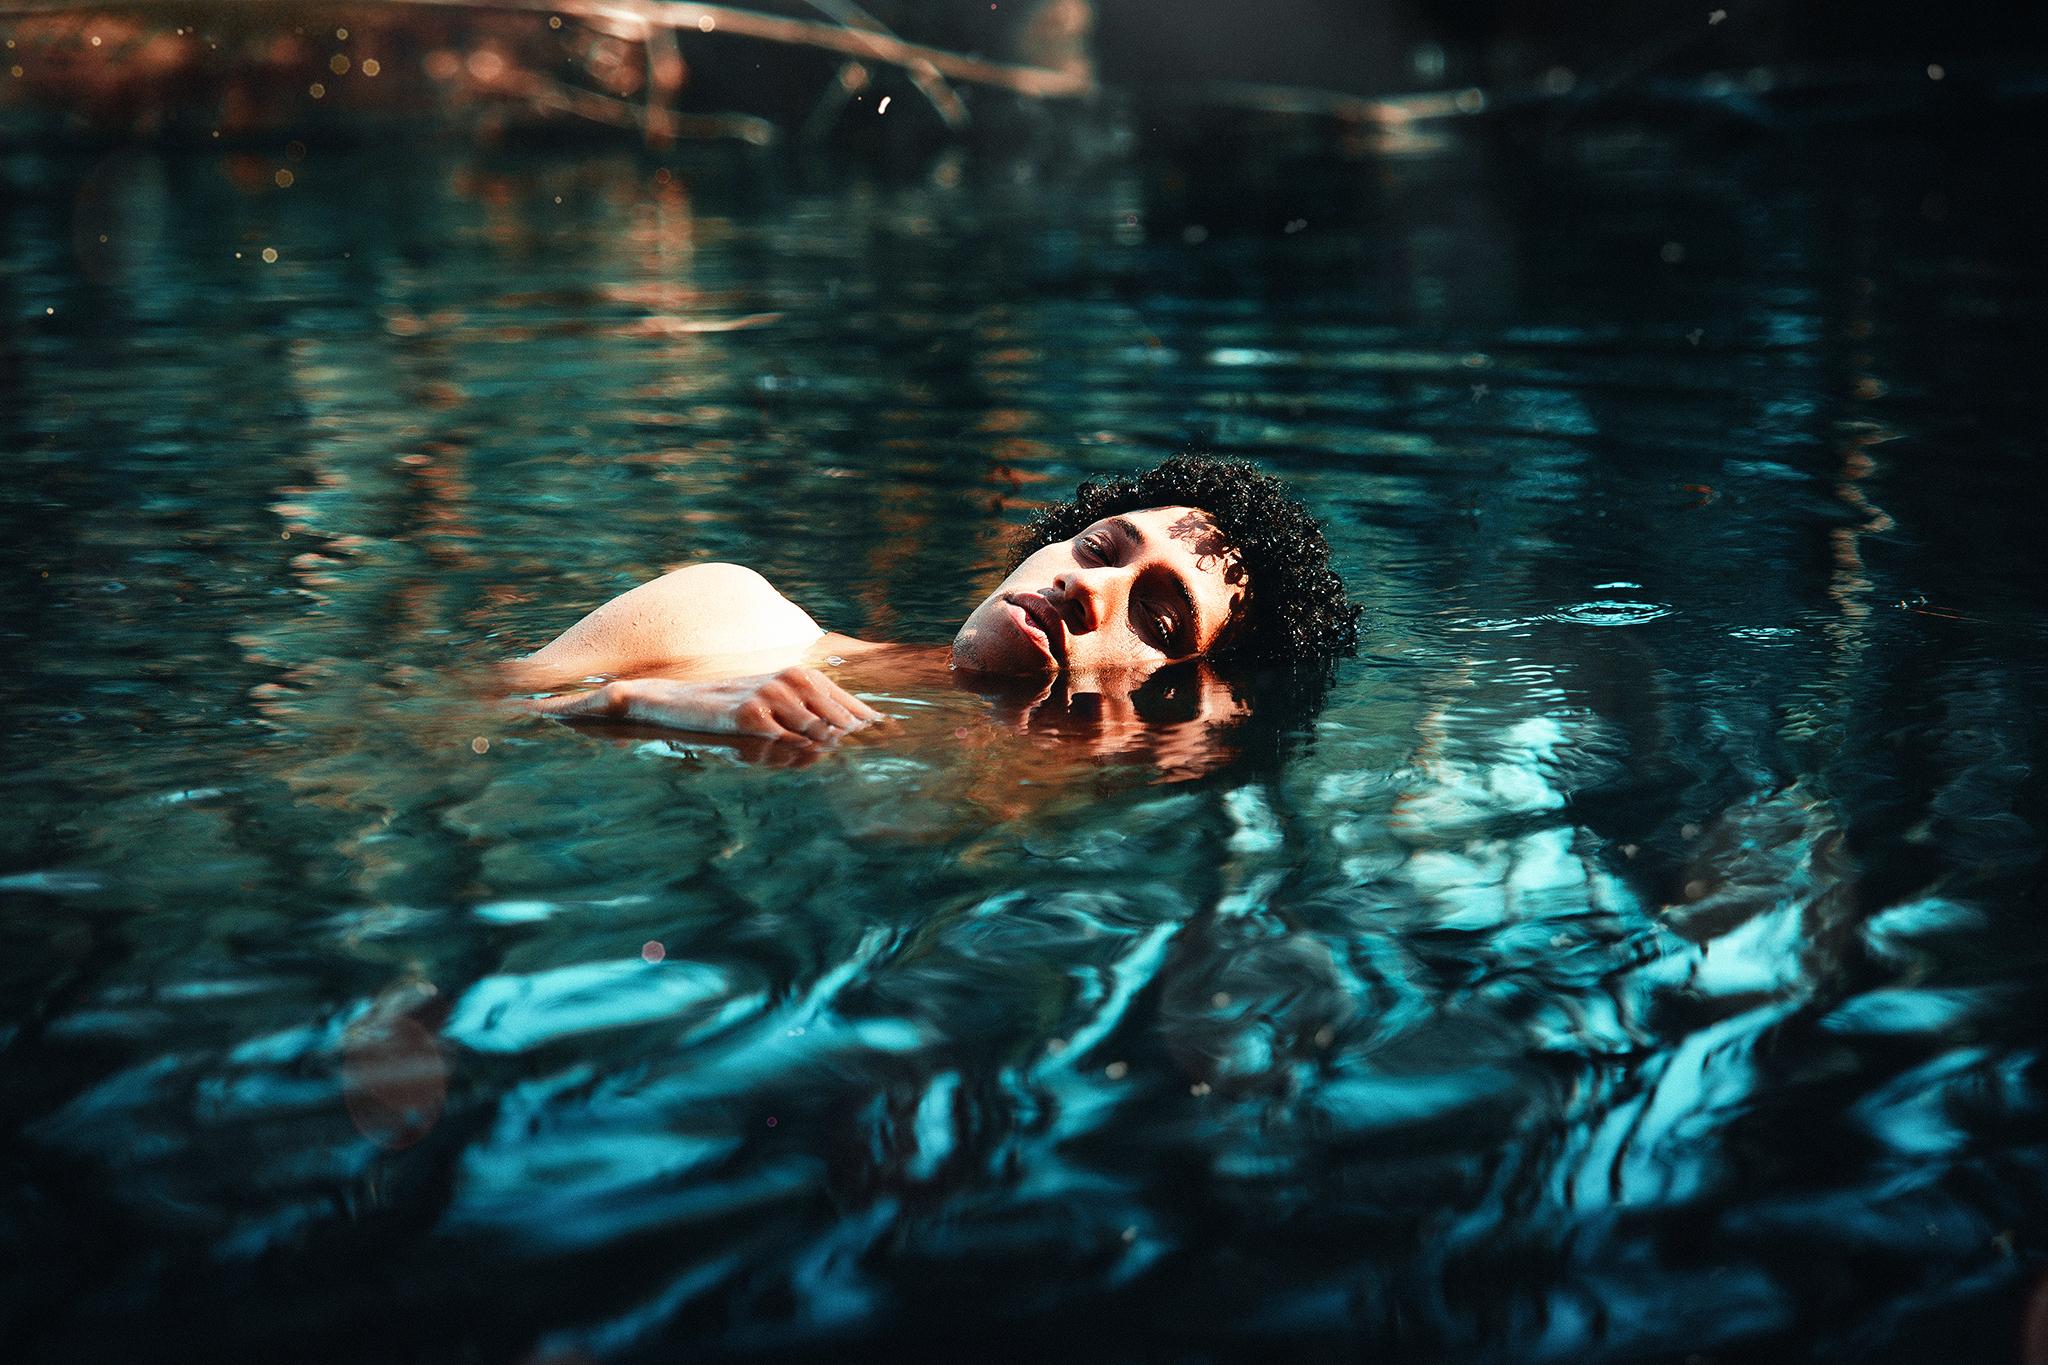 понравившуюся красивые картинки мужчины в воде восторге